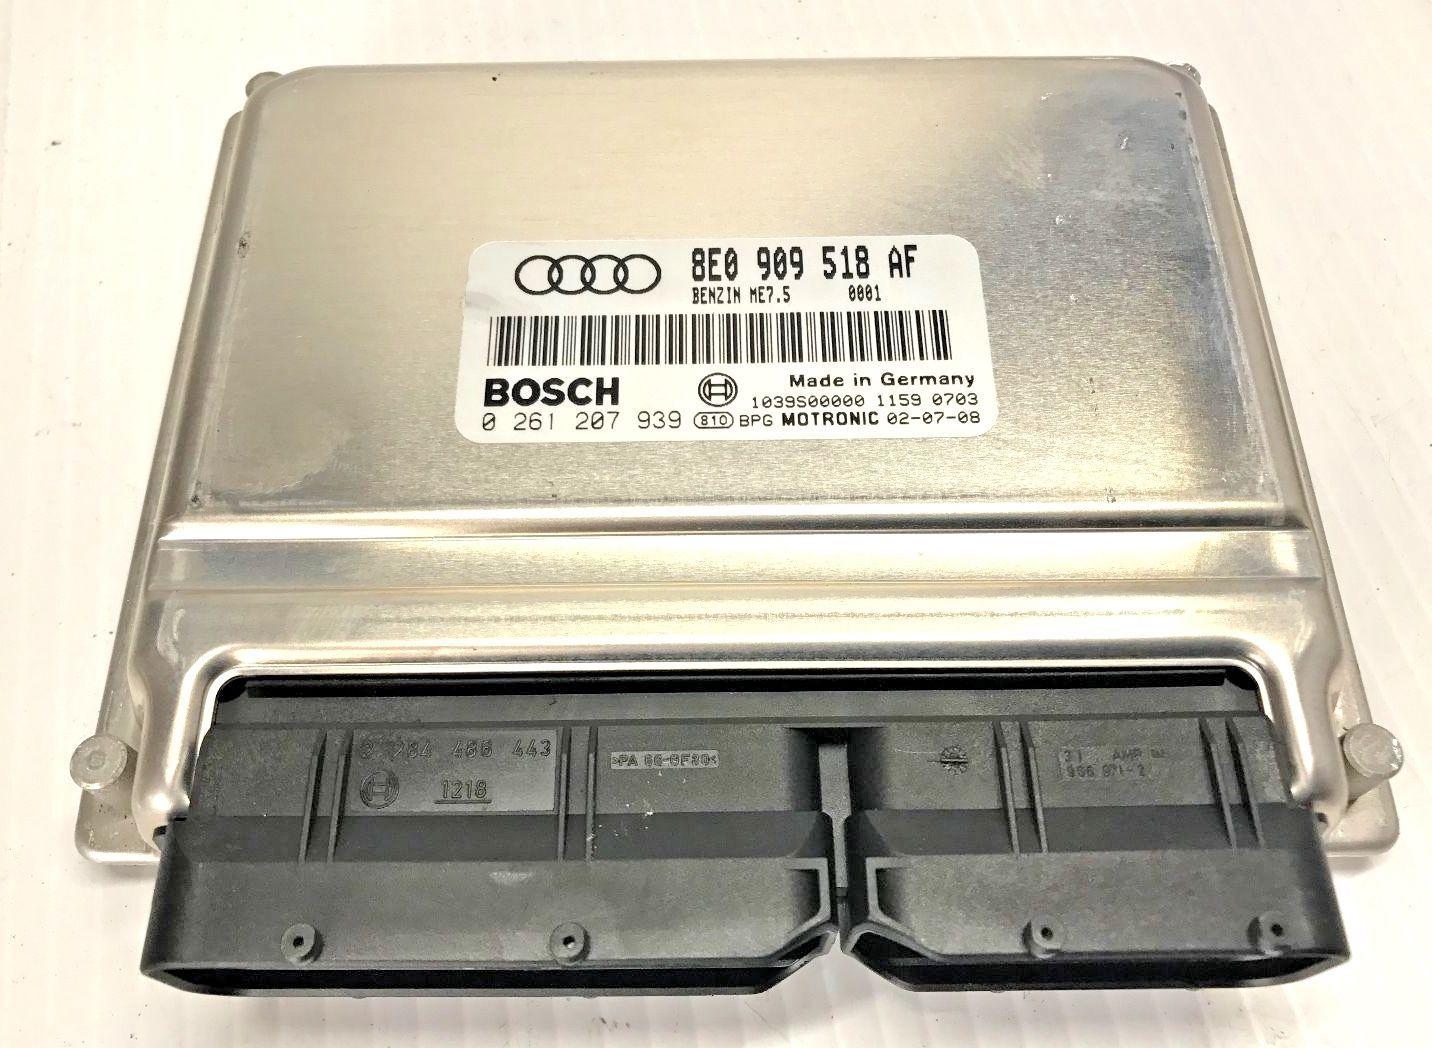 02-05 Audi A4 1.8l Turbo Engine Computer Module Ecm 8e0 909 518 Af ...